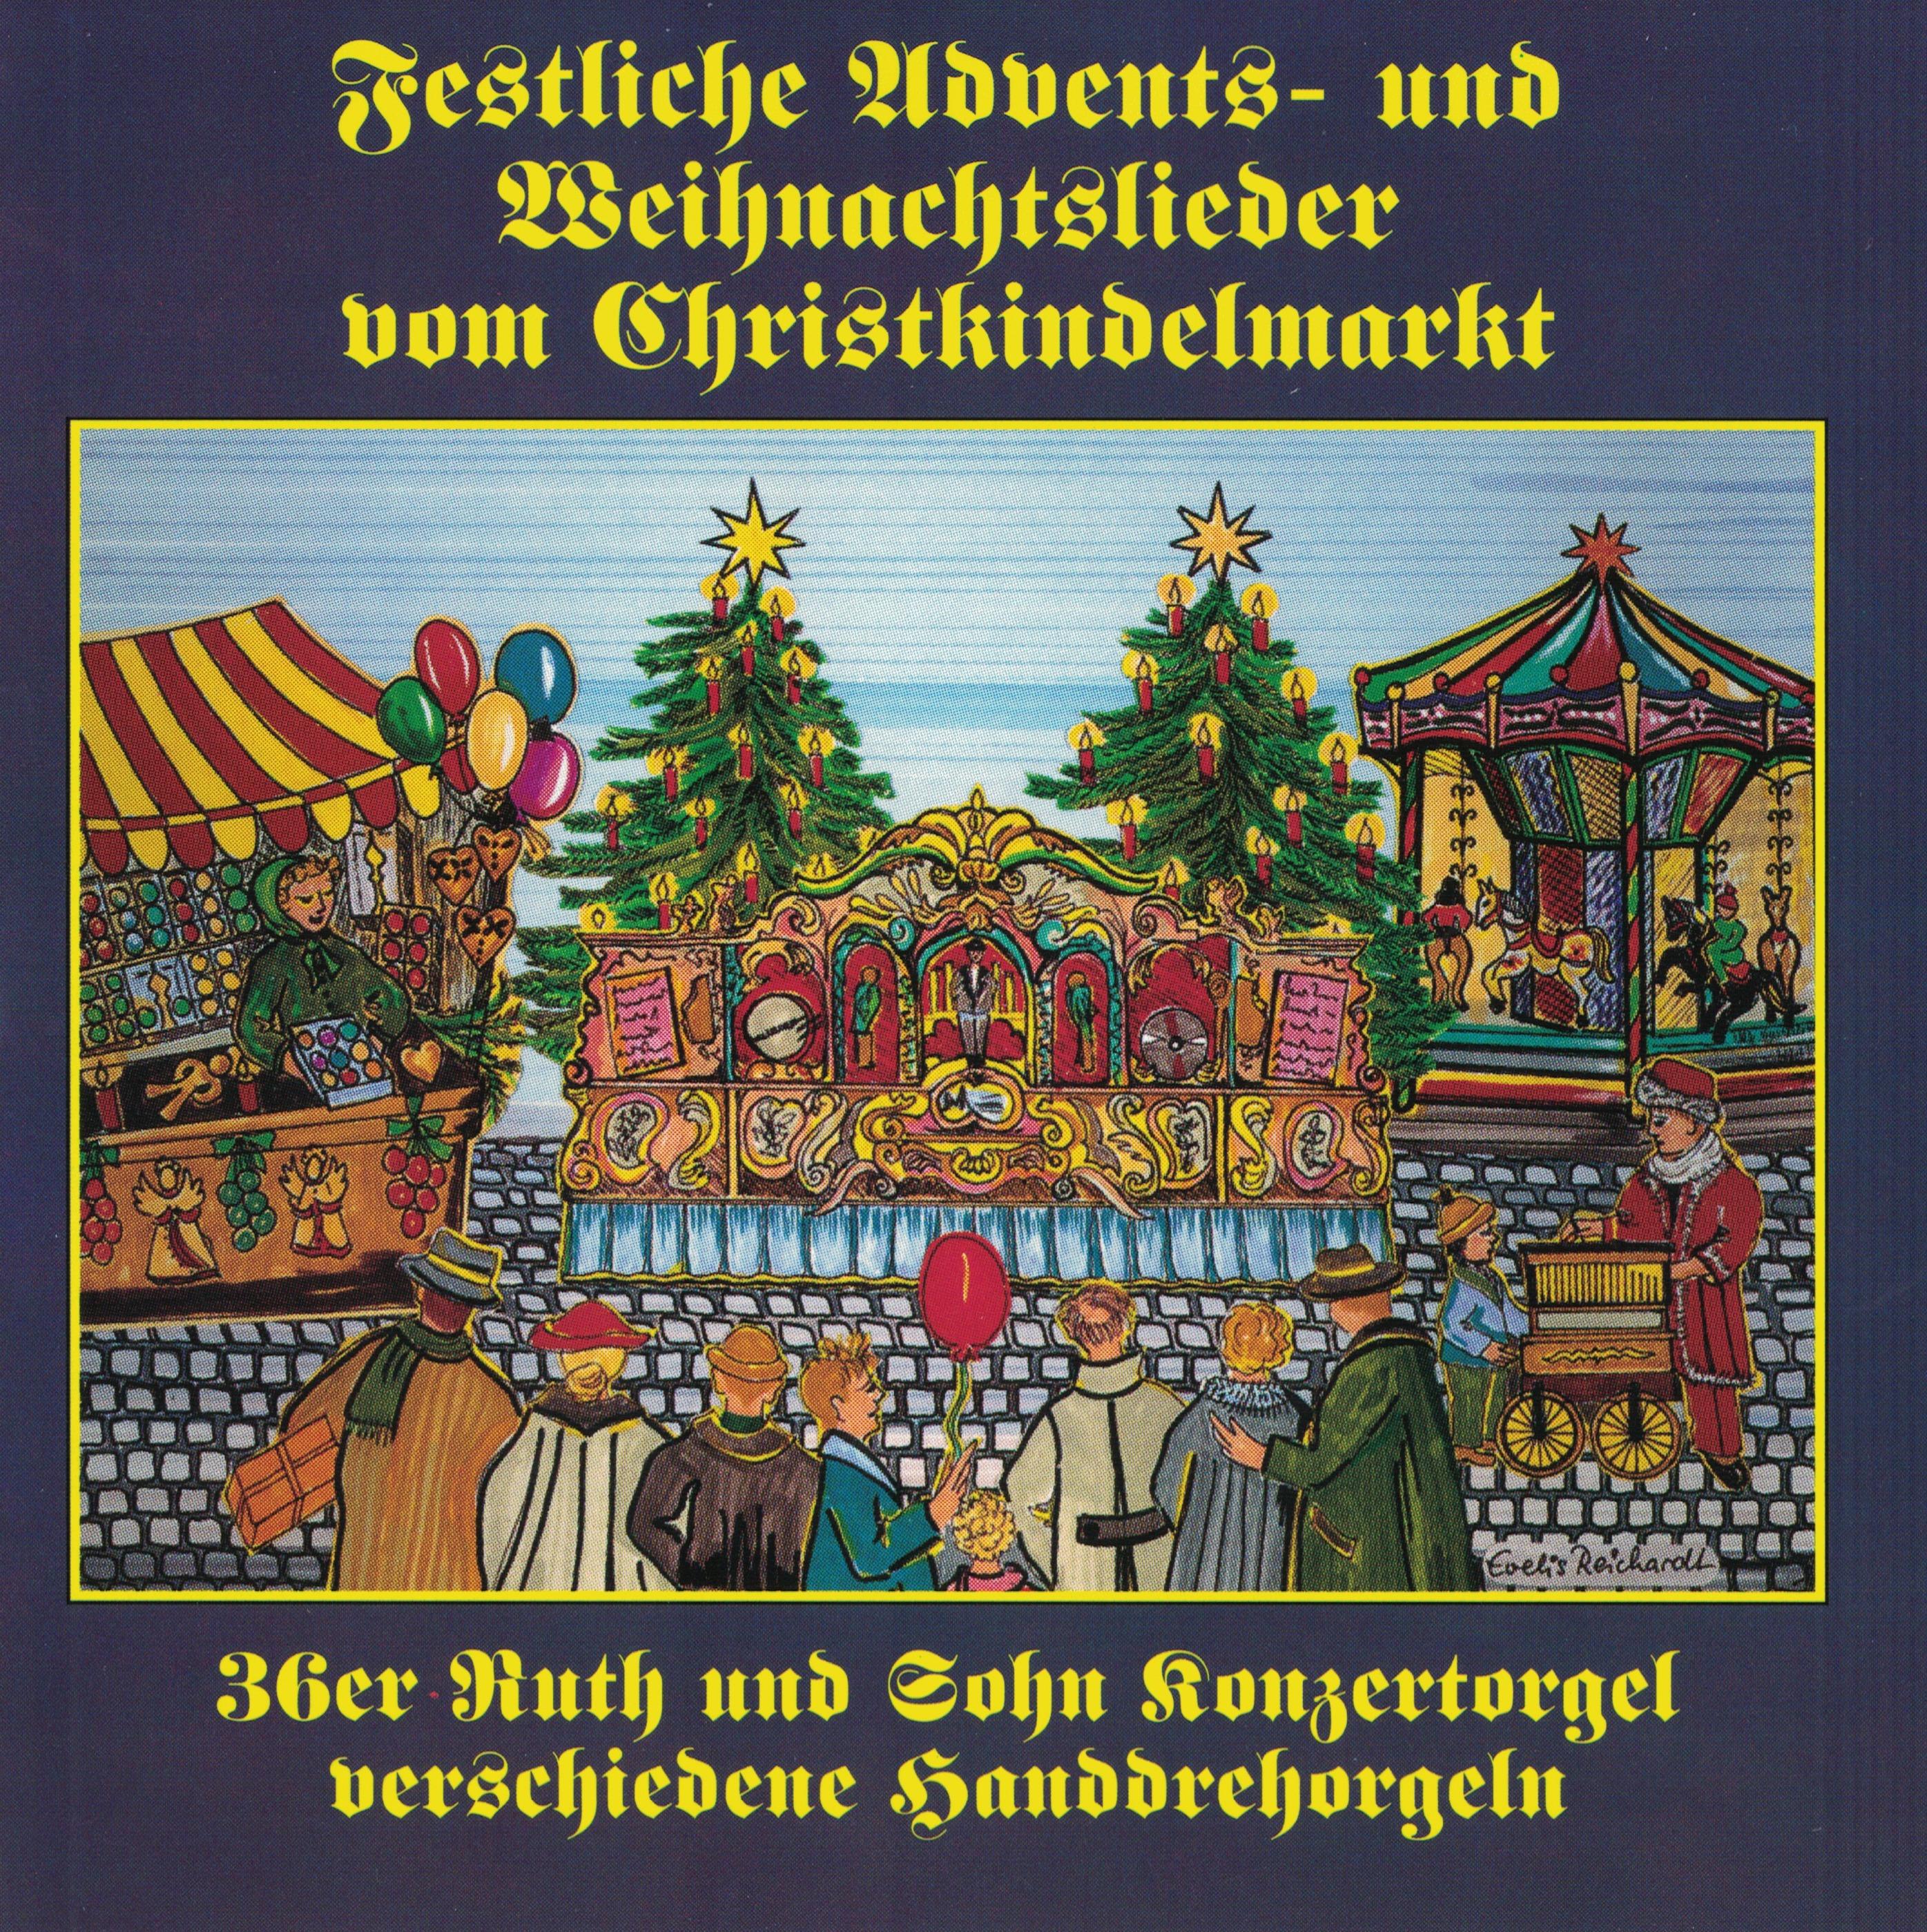 Verschiedene Weihnachtslieder.Festliche Advents Und Weihnachtslieder Vom Christkindelmarkt